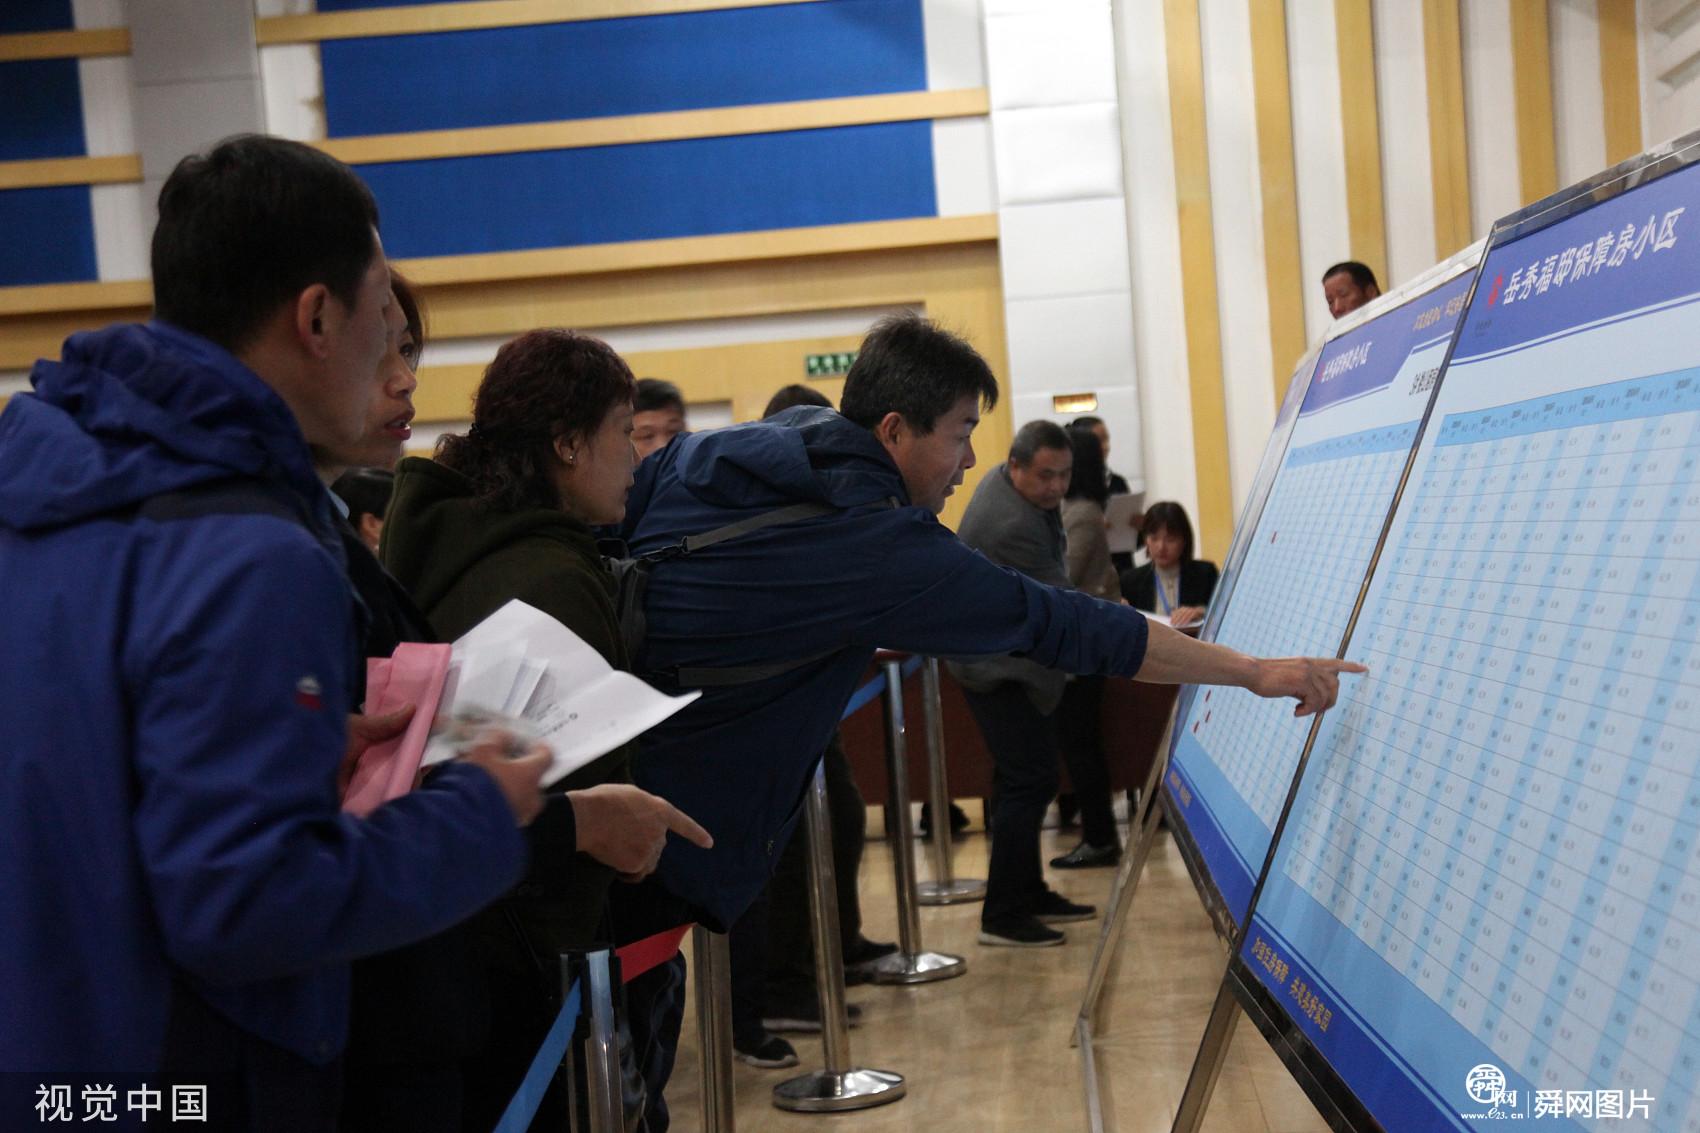 山东泰安:560户退役军人家庭参与市区保障房选房活动